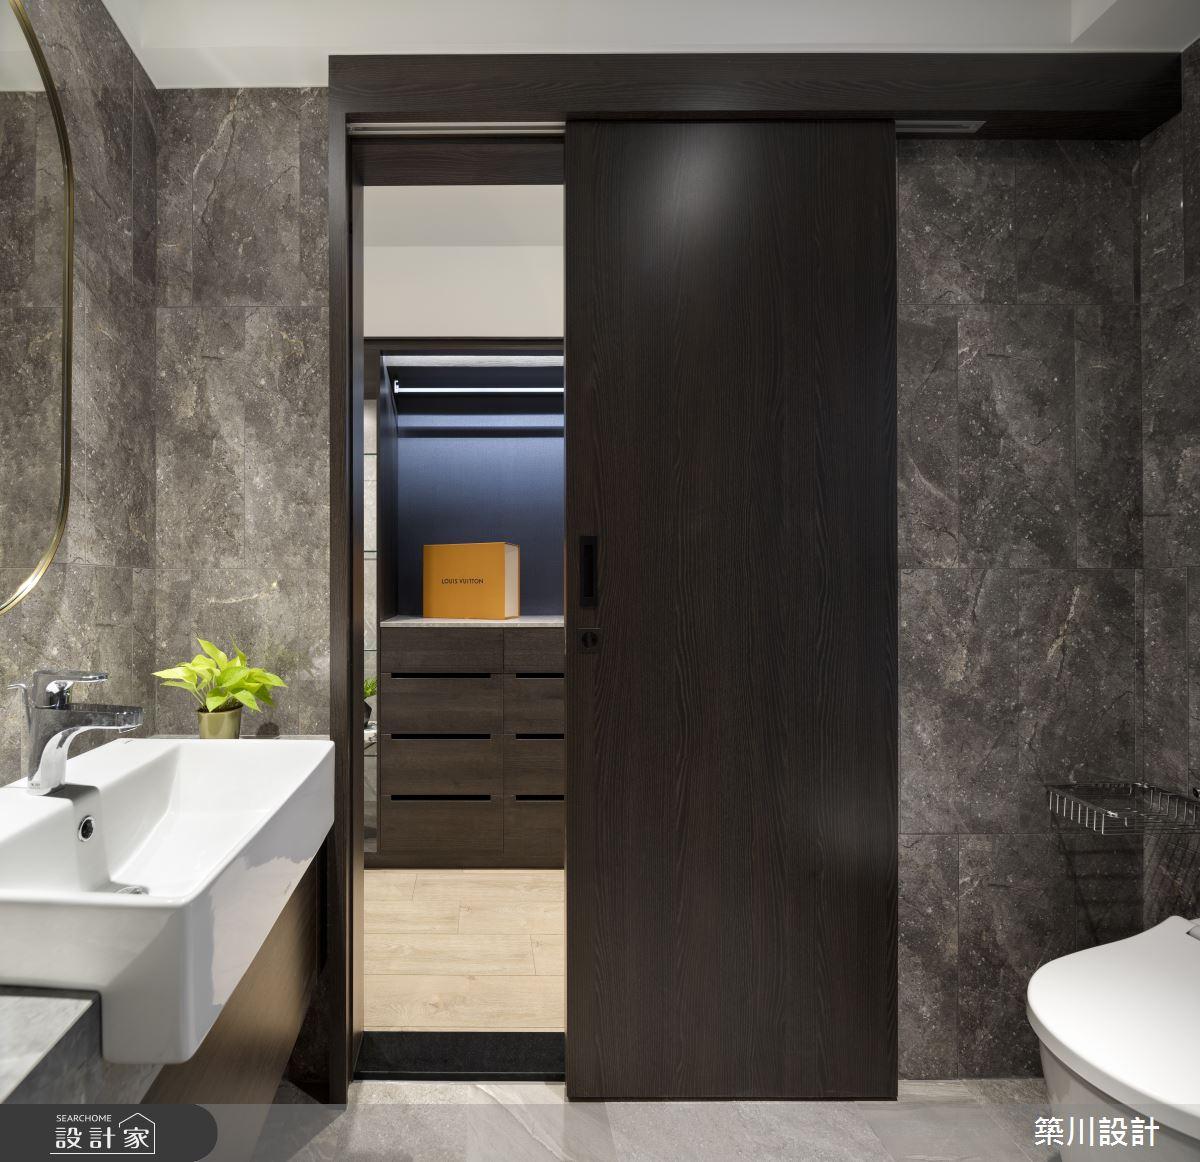 32坪新成屋(5年以下)_現代風浴室案例圖片_築川設計_築川_15之14